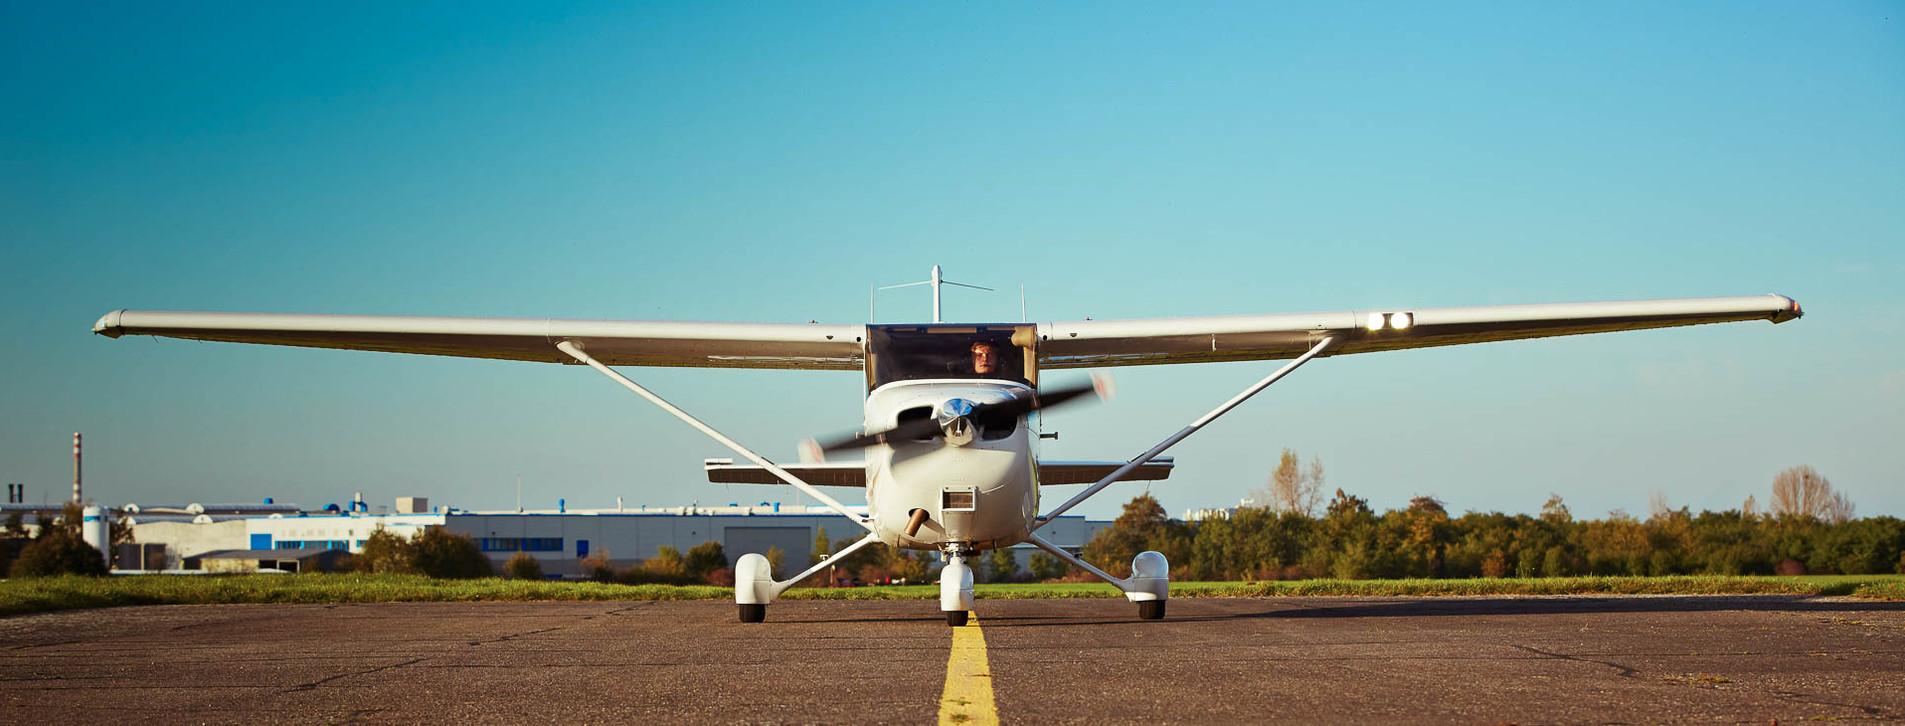 Фото 1 - Прогулка на самолете Long